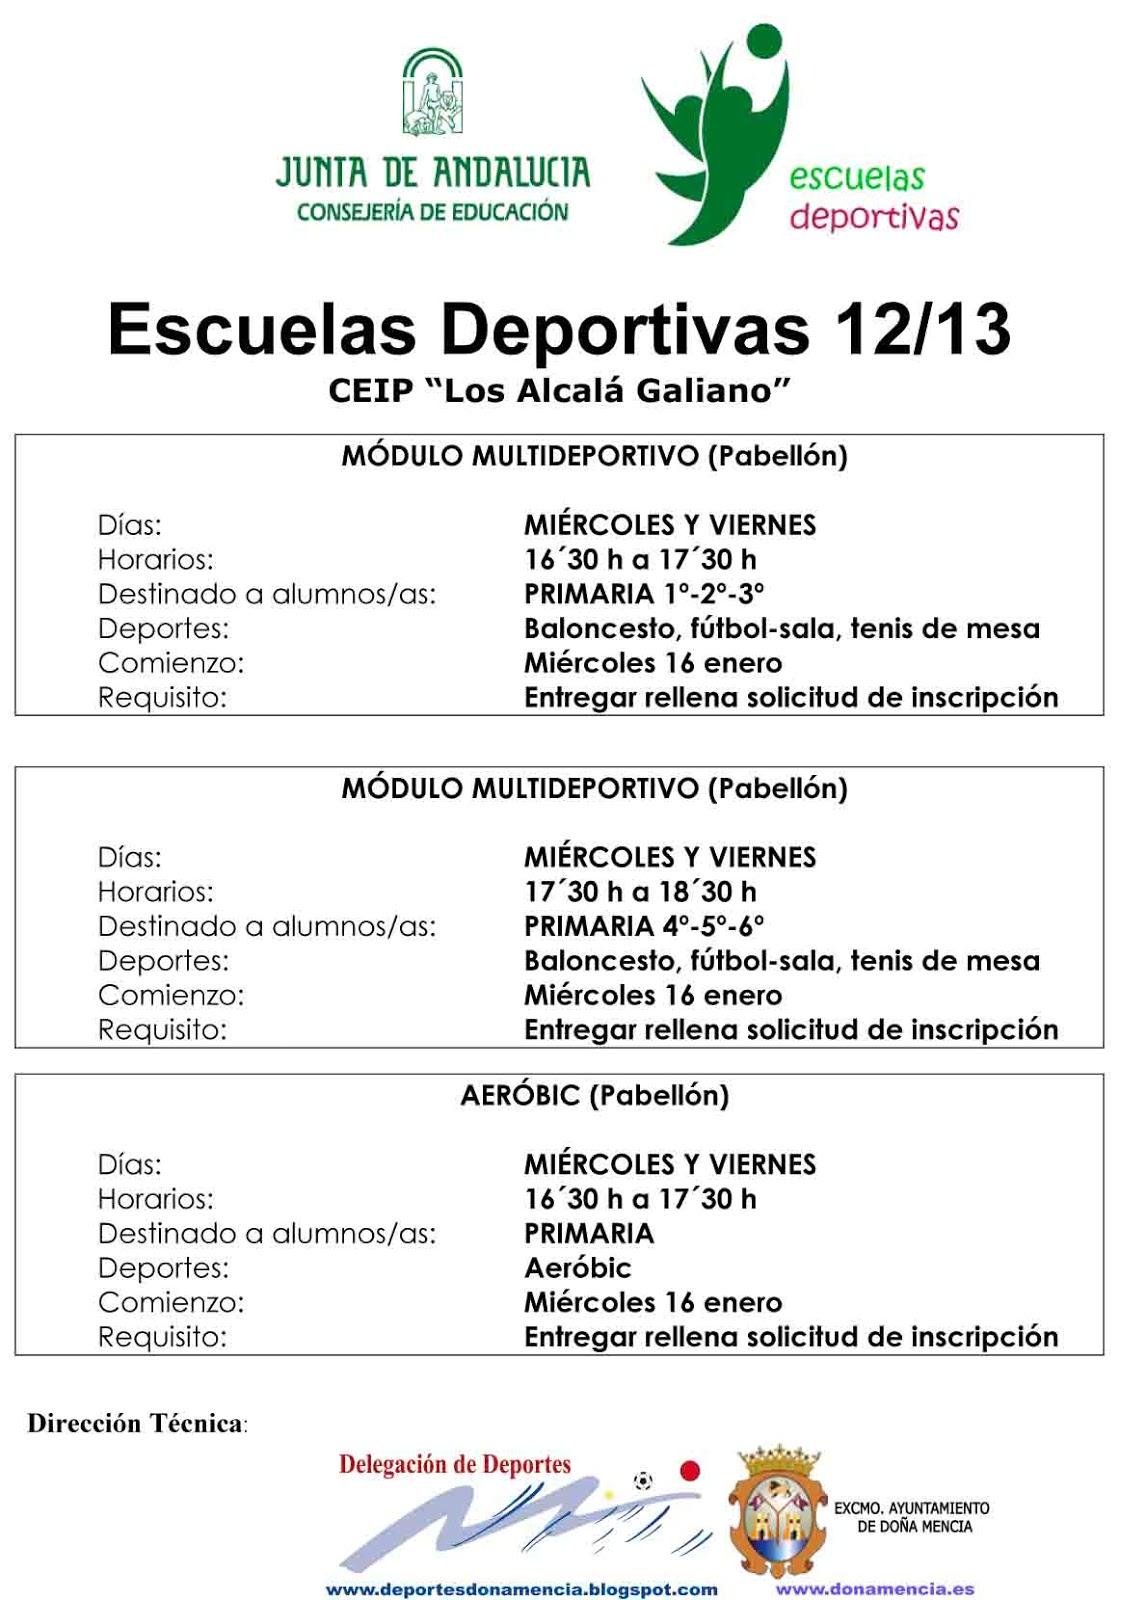 Escuelas Deportivas Municipales - Delegación de Deportes de Doña Mencía